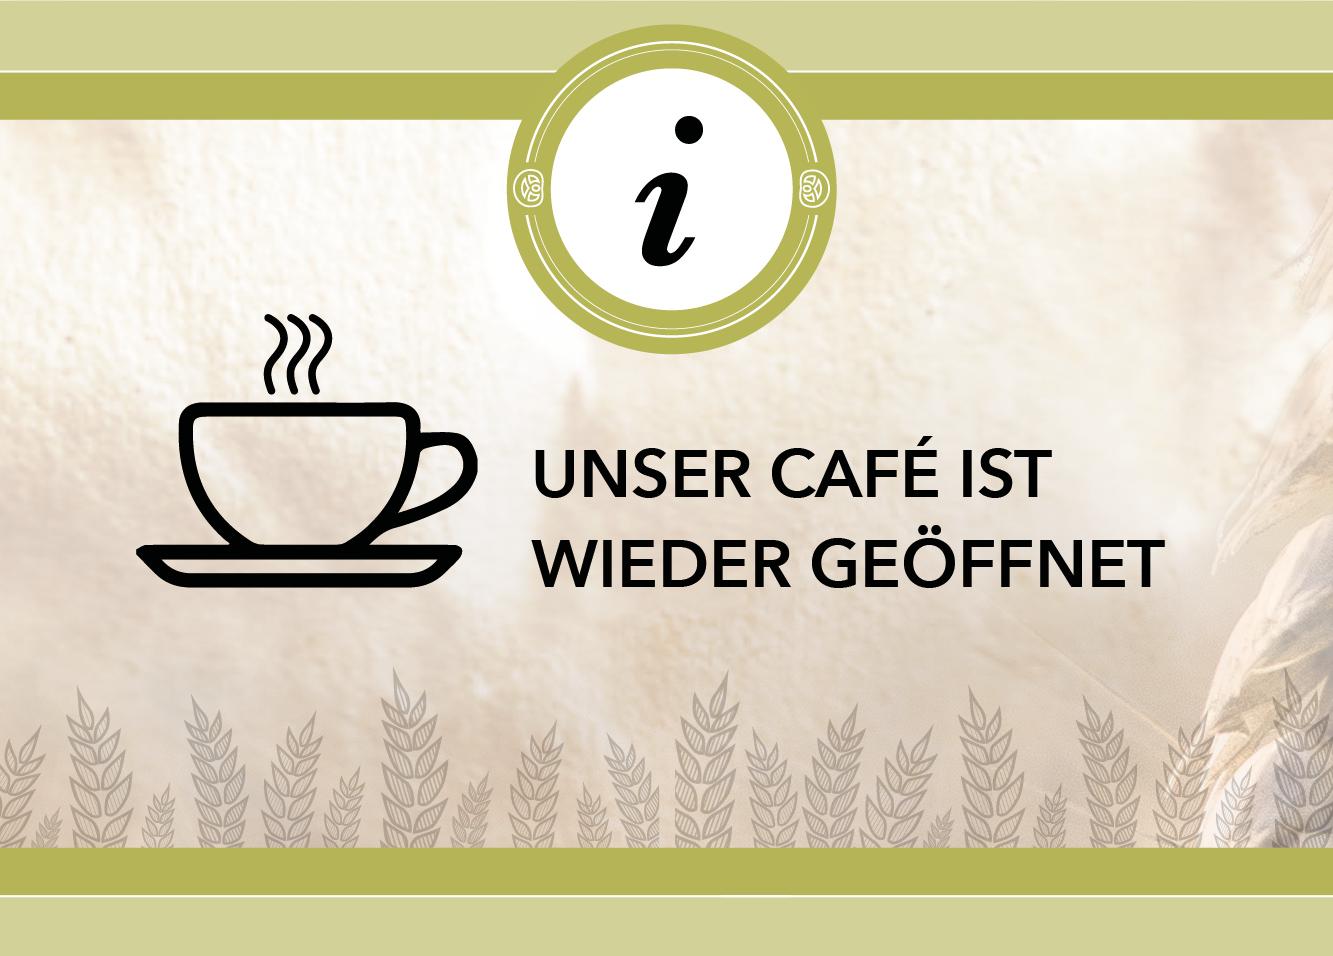 CAFE-BEREICH IST GEÖFFNET